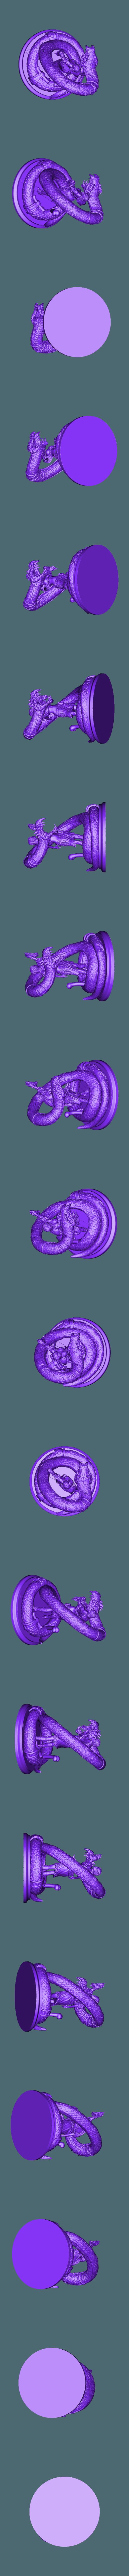 blood.stl Télécharger fichier STL gratuit Sang + • Design pour impression 3D, MiniMe